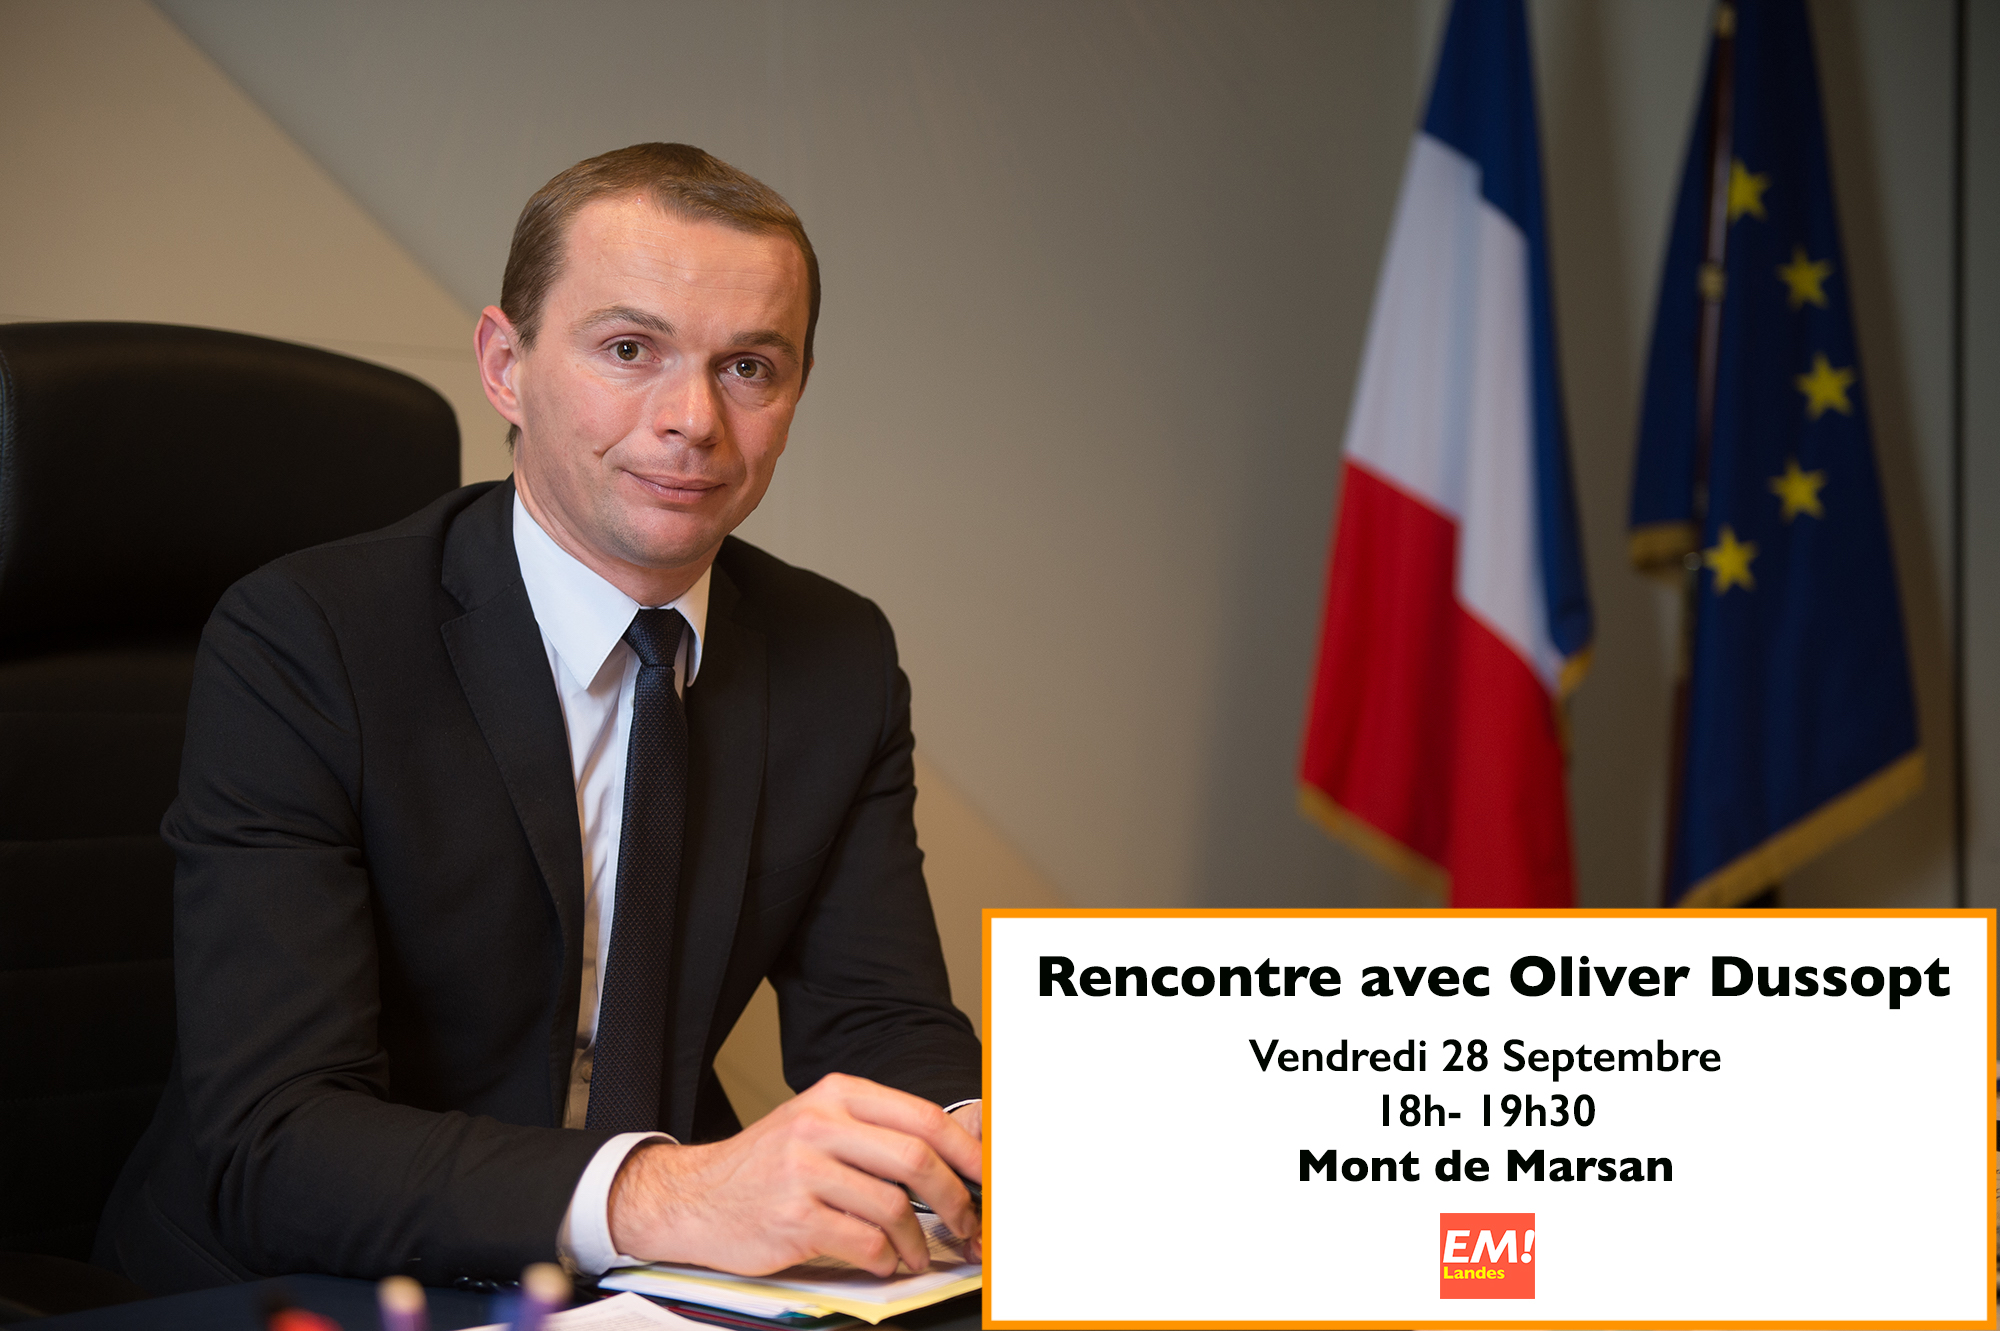 Rencontre avec Olivier Dussopt